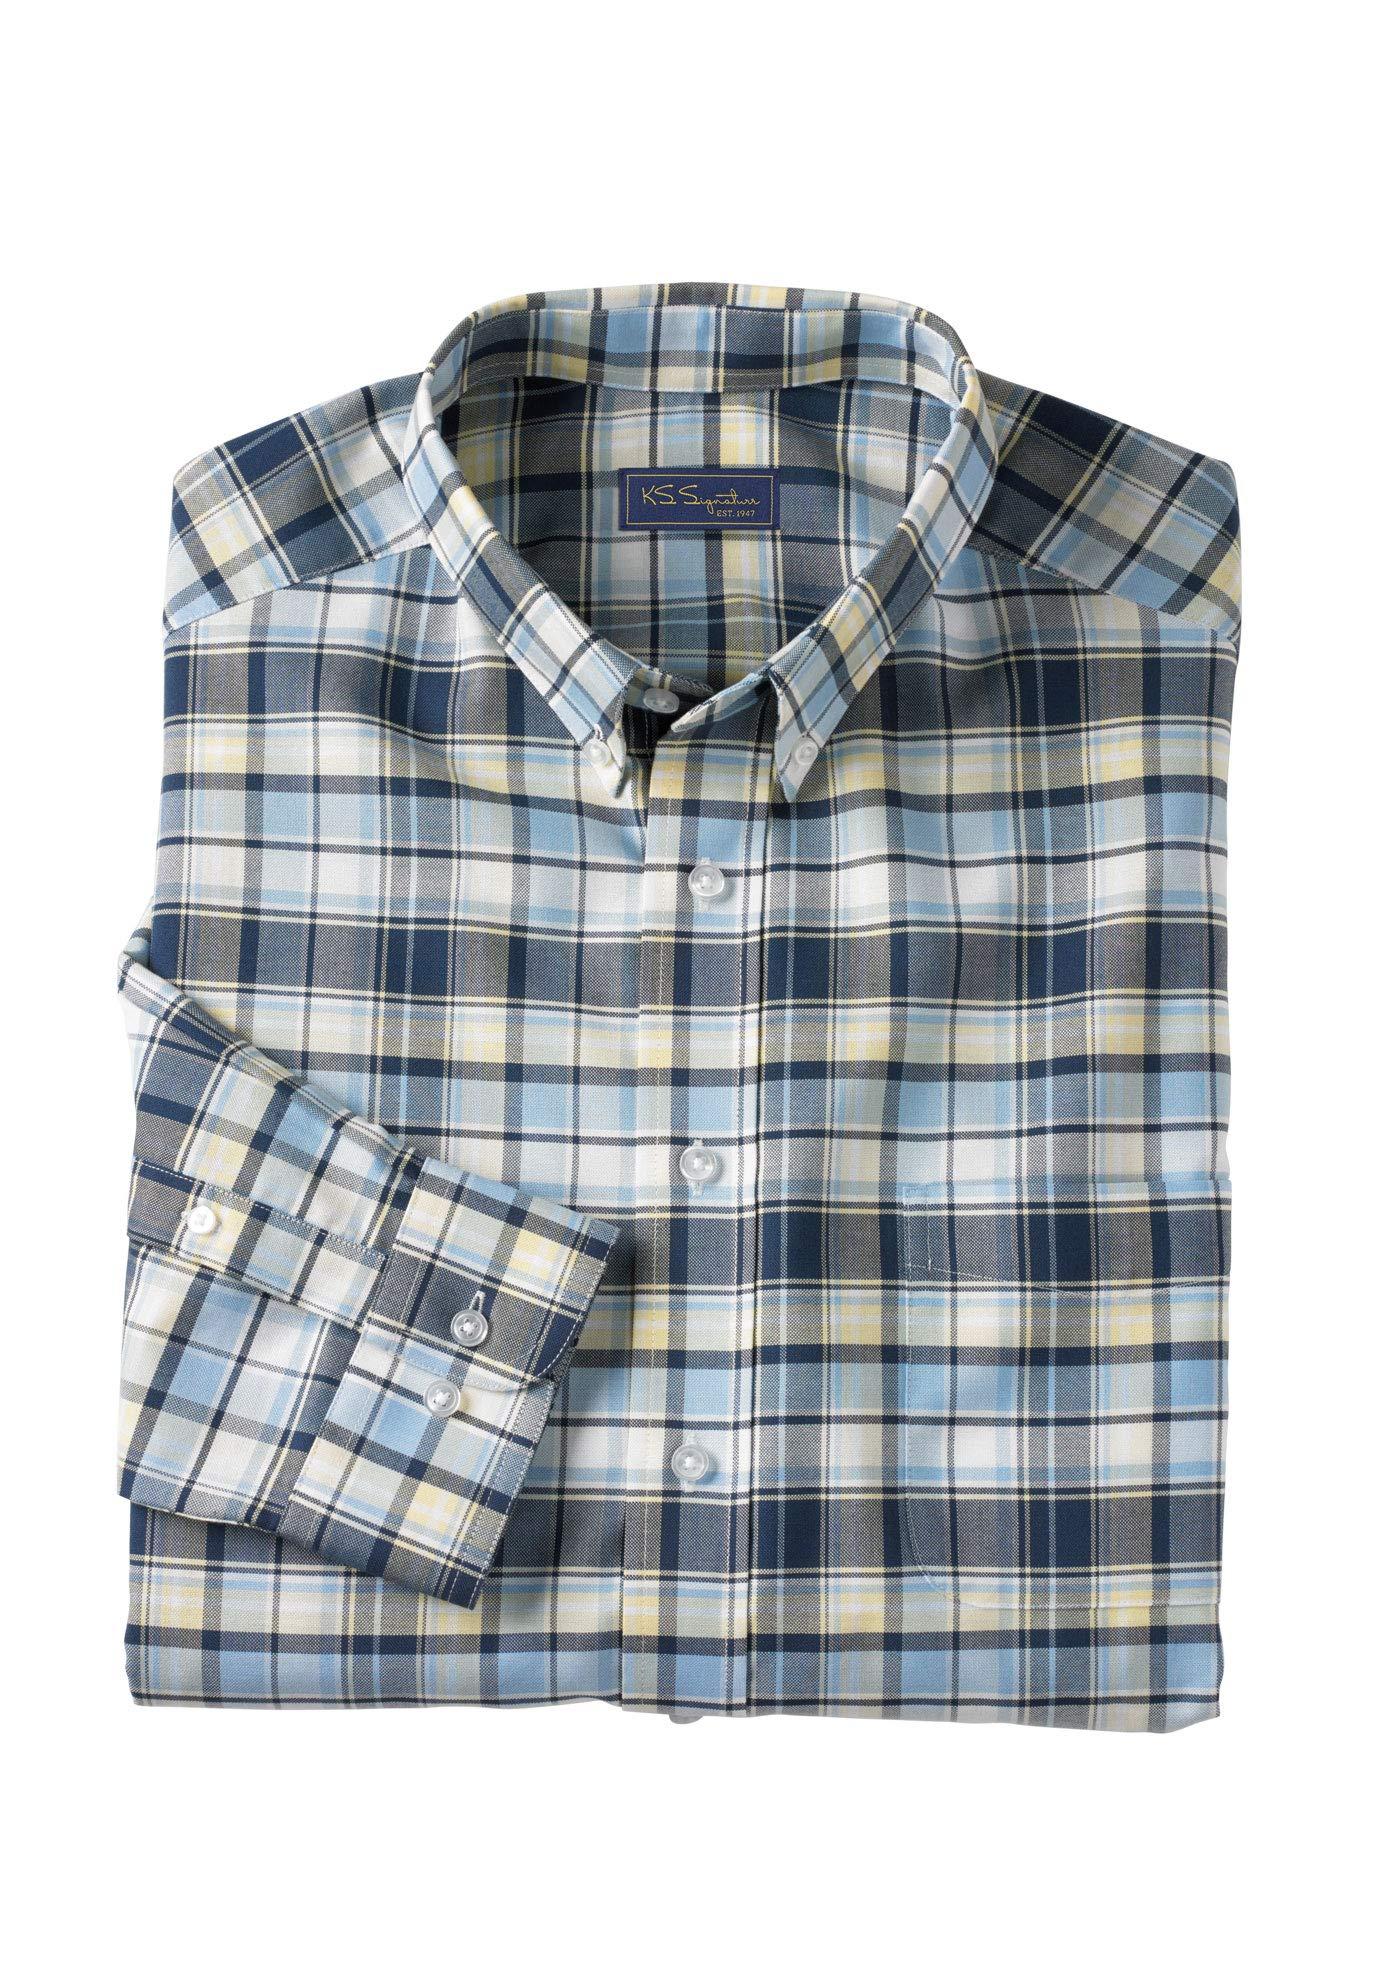 Kingsize Signature Collection Mens Big /& Tall Kingsize Signature Collection Wrinkle-Resistant Oxford Dress Shirt